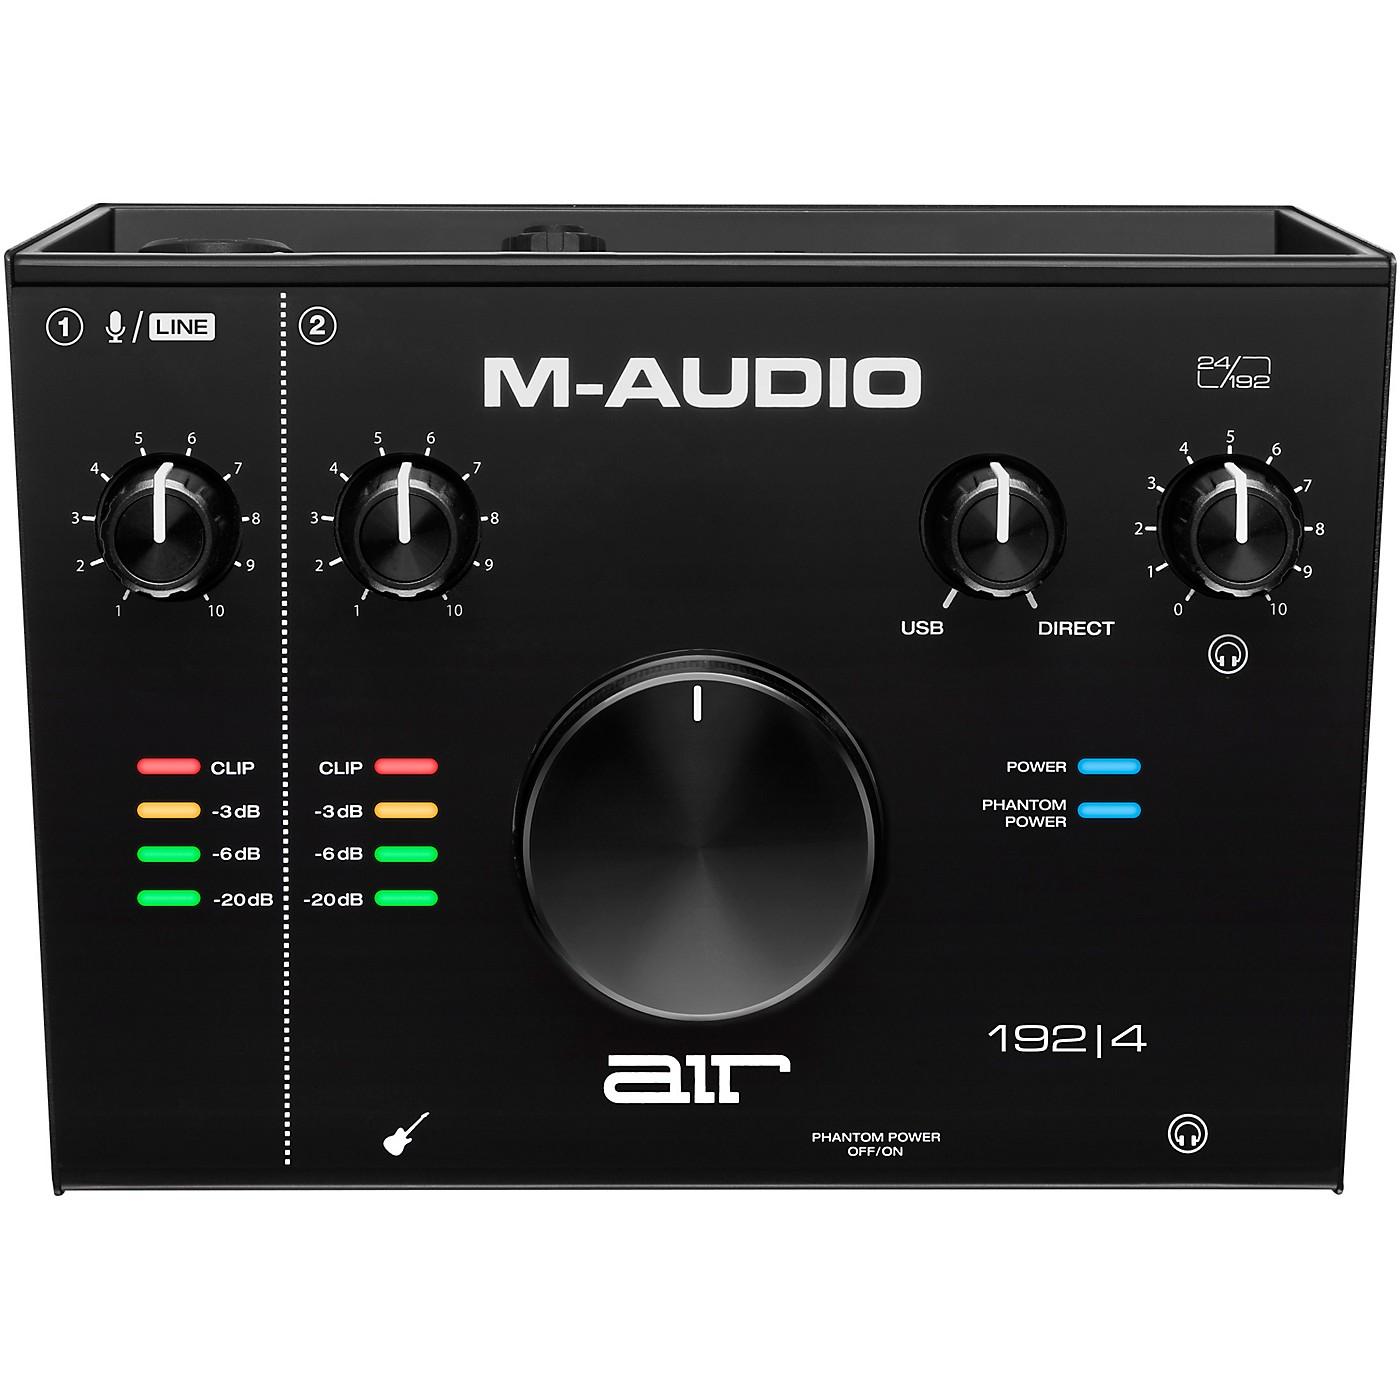 M-Audio AIR 192|4 USB C Audio Interface thumbnail